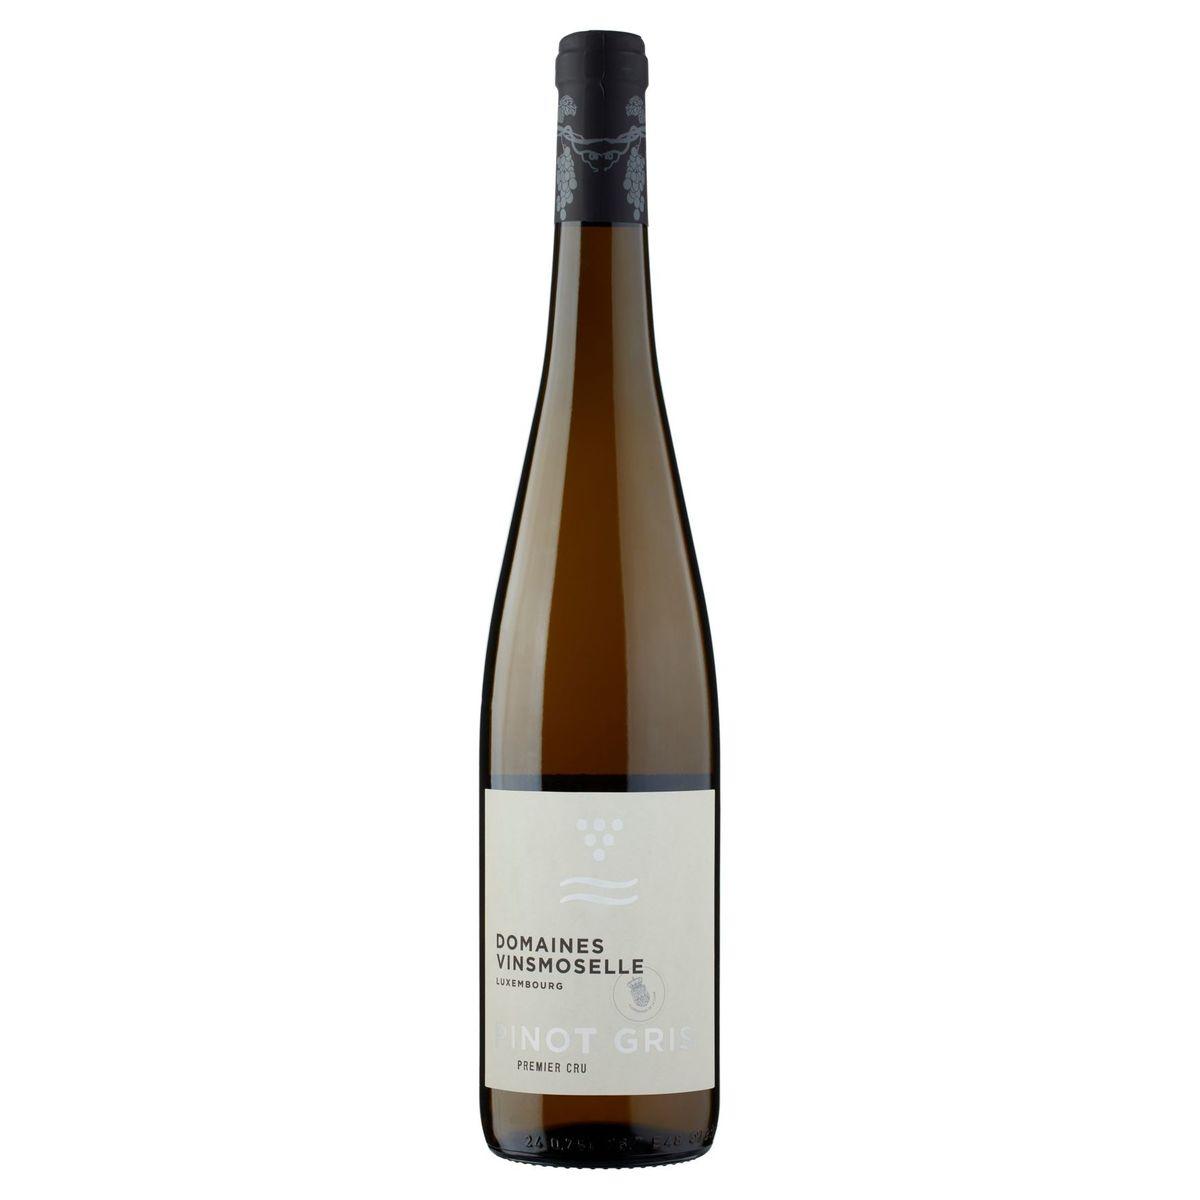 Domaines Vinsmoselle Pinot Gris Premier Cru Côtes de Remich 75 cl